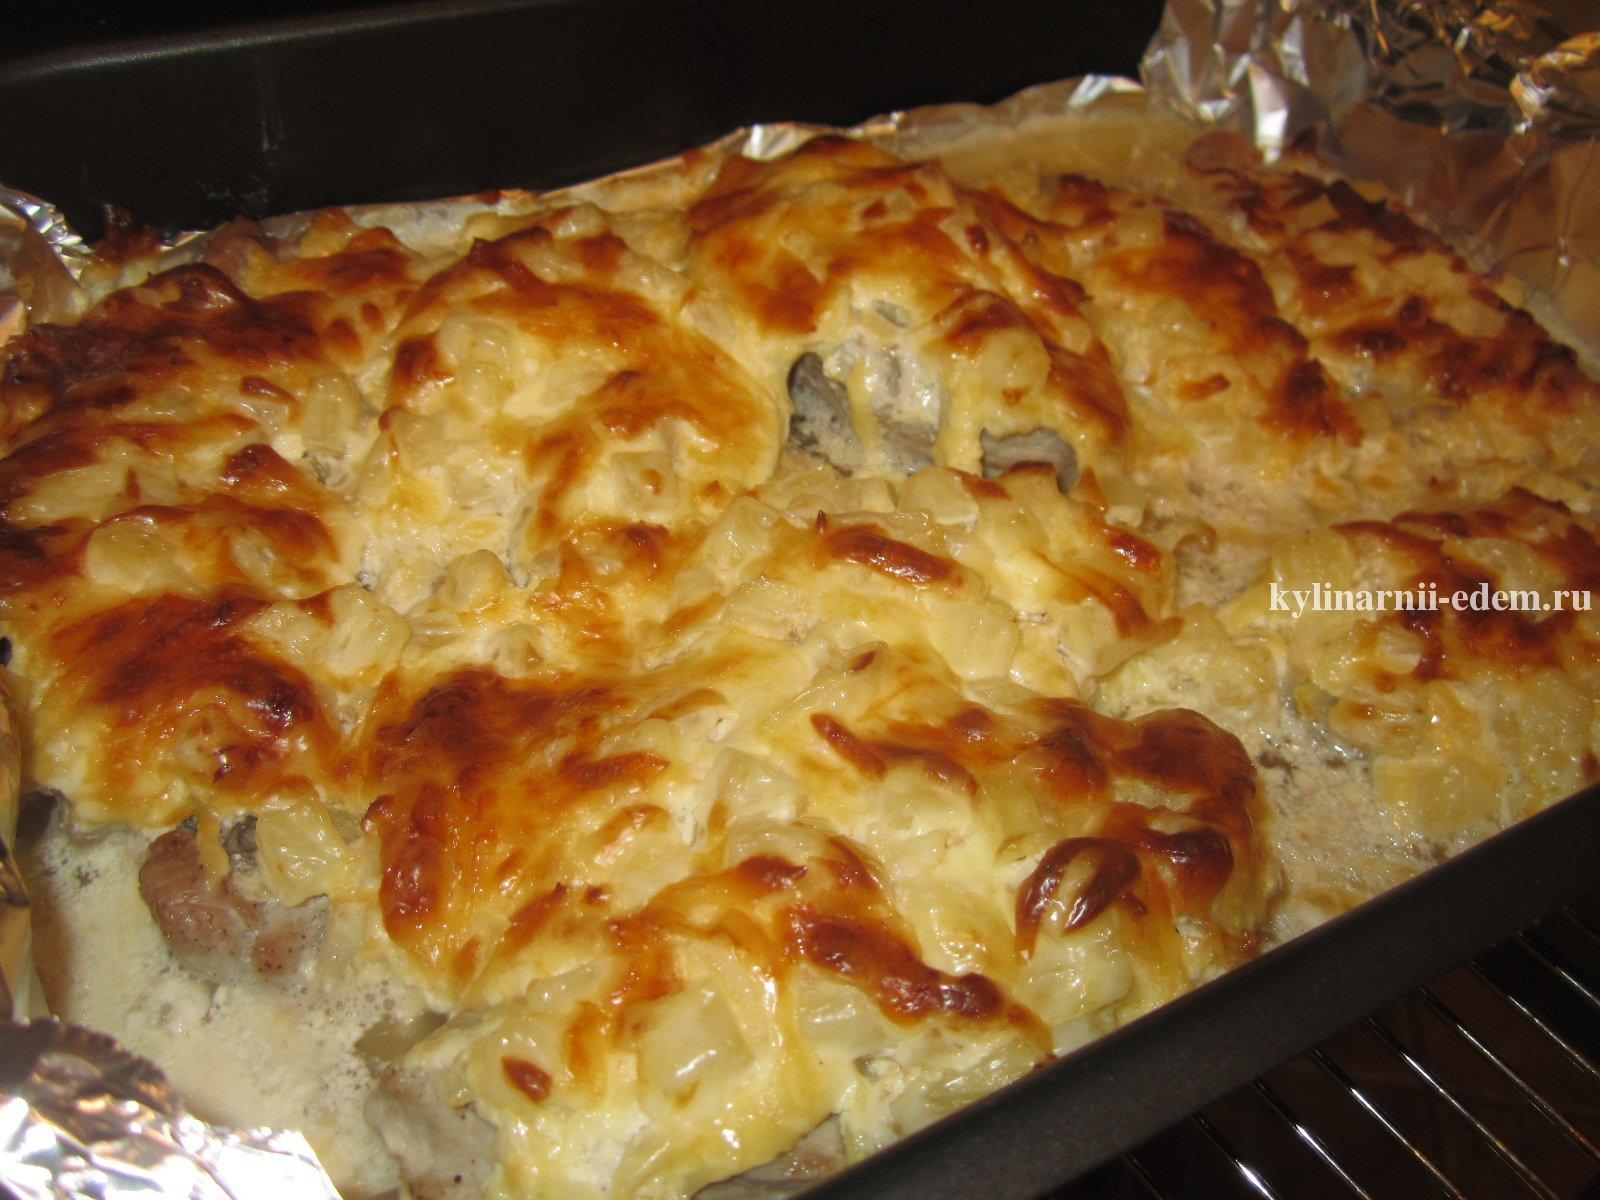 Отбивные из свинины в духовке с сыром и ананасом рецепт пошагово в